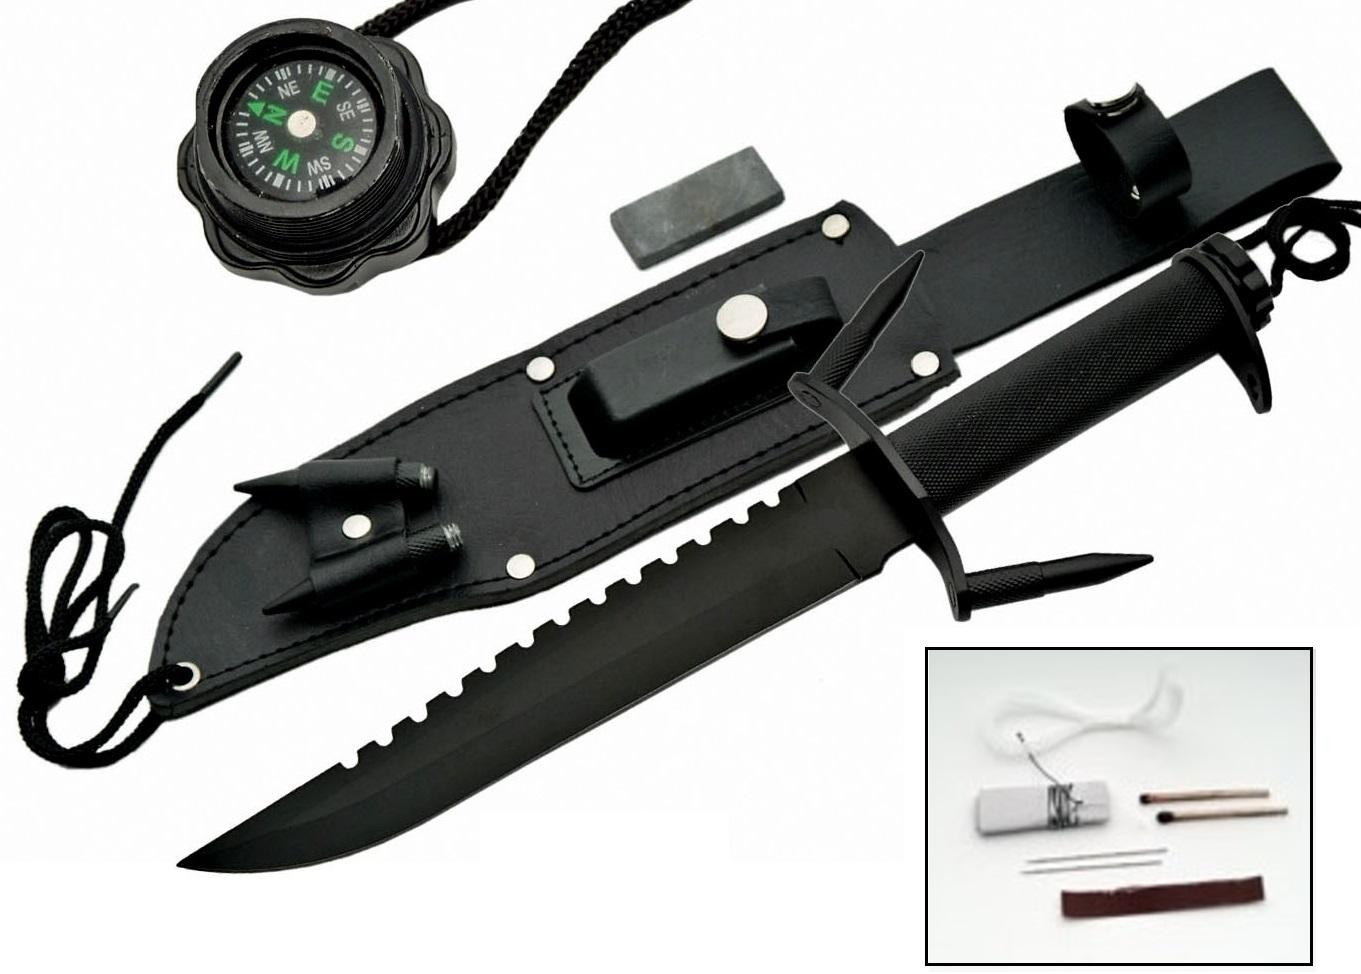 Poignard Marine 35cm + kit de survie - couteau